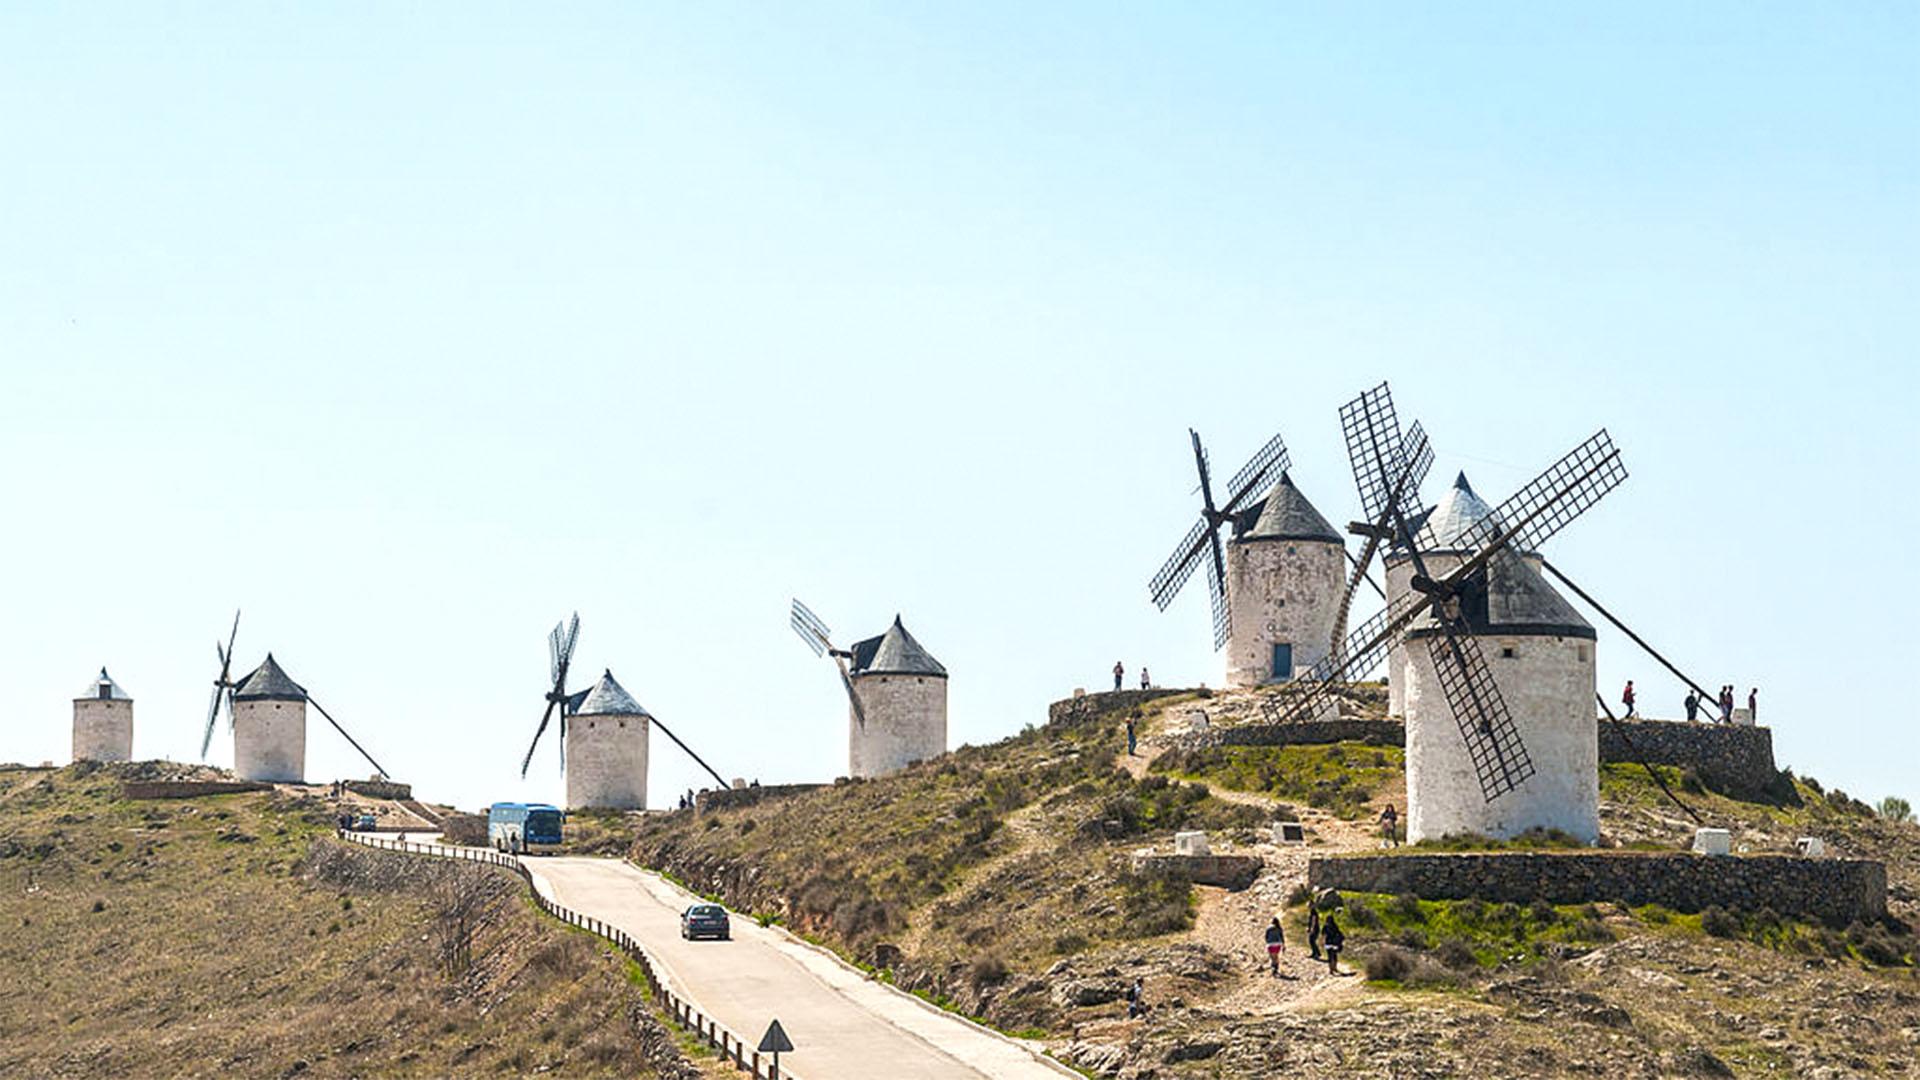 Die Windmühlen von Consuegra in Spanien nahe Toledo.